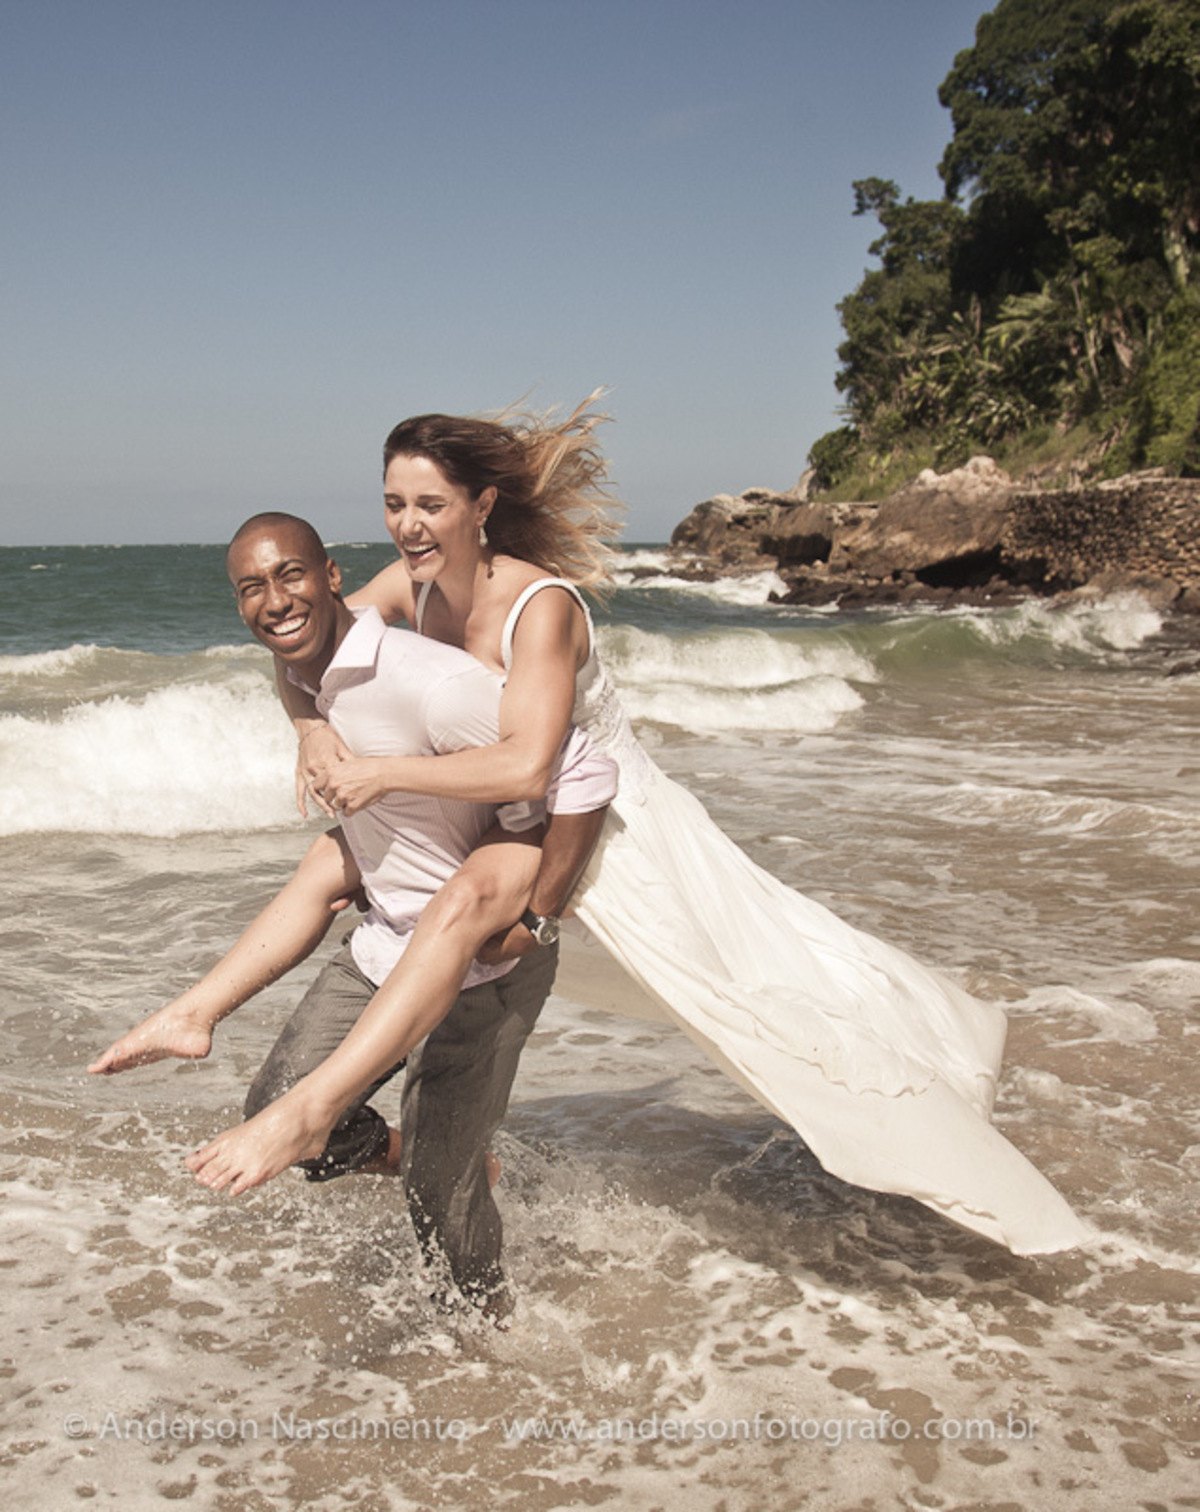 noivo-carregando-noiva-nas-costas-trash-the-dress-ensaio-fotografo